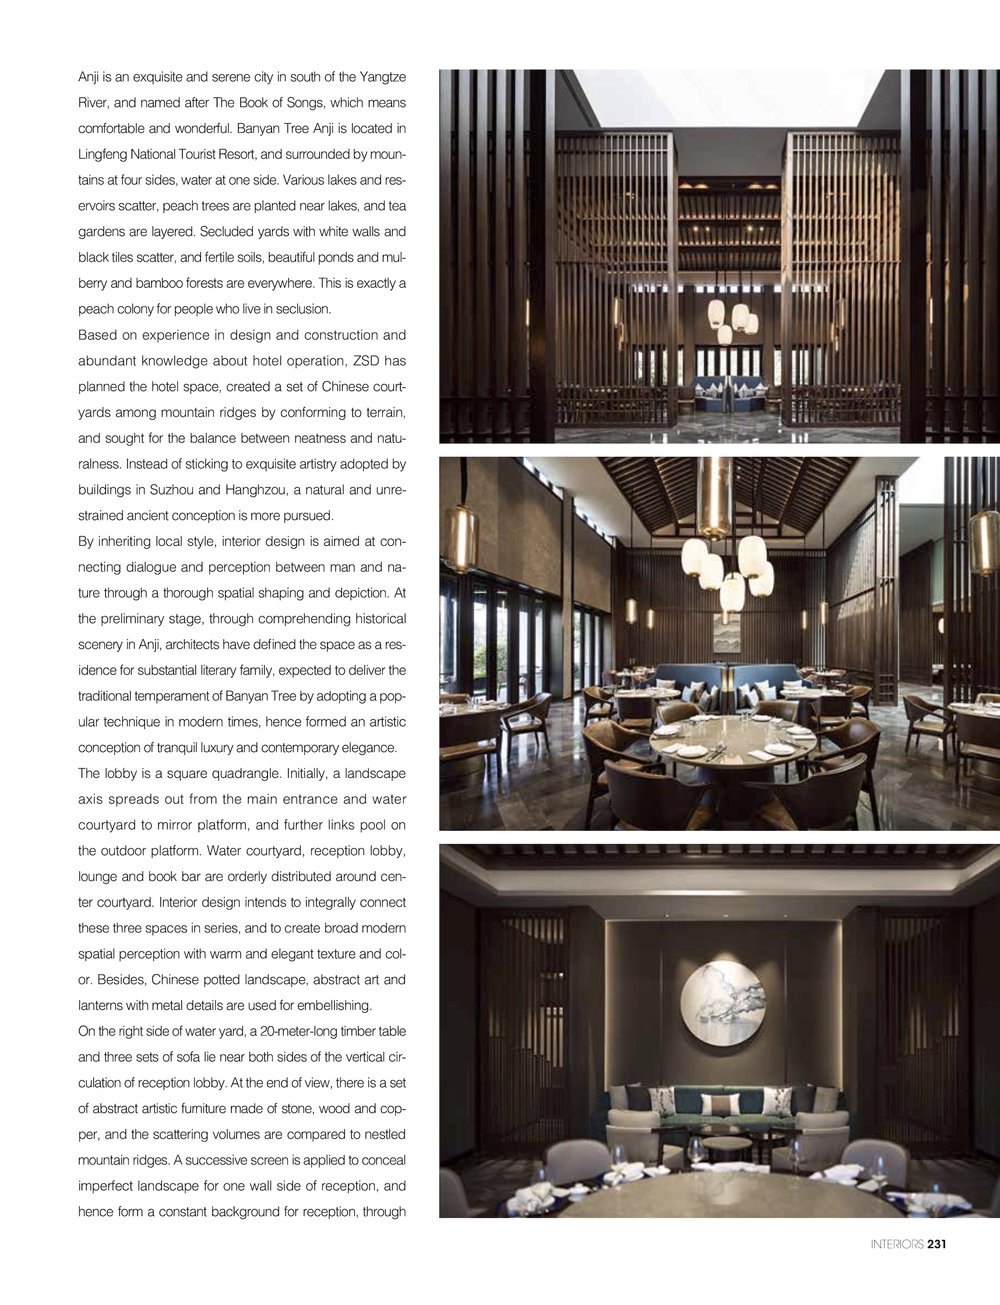 201812 韩国Interiors 安吉悦榕庄度假酒店 8.jpg